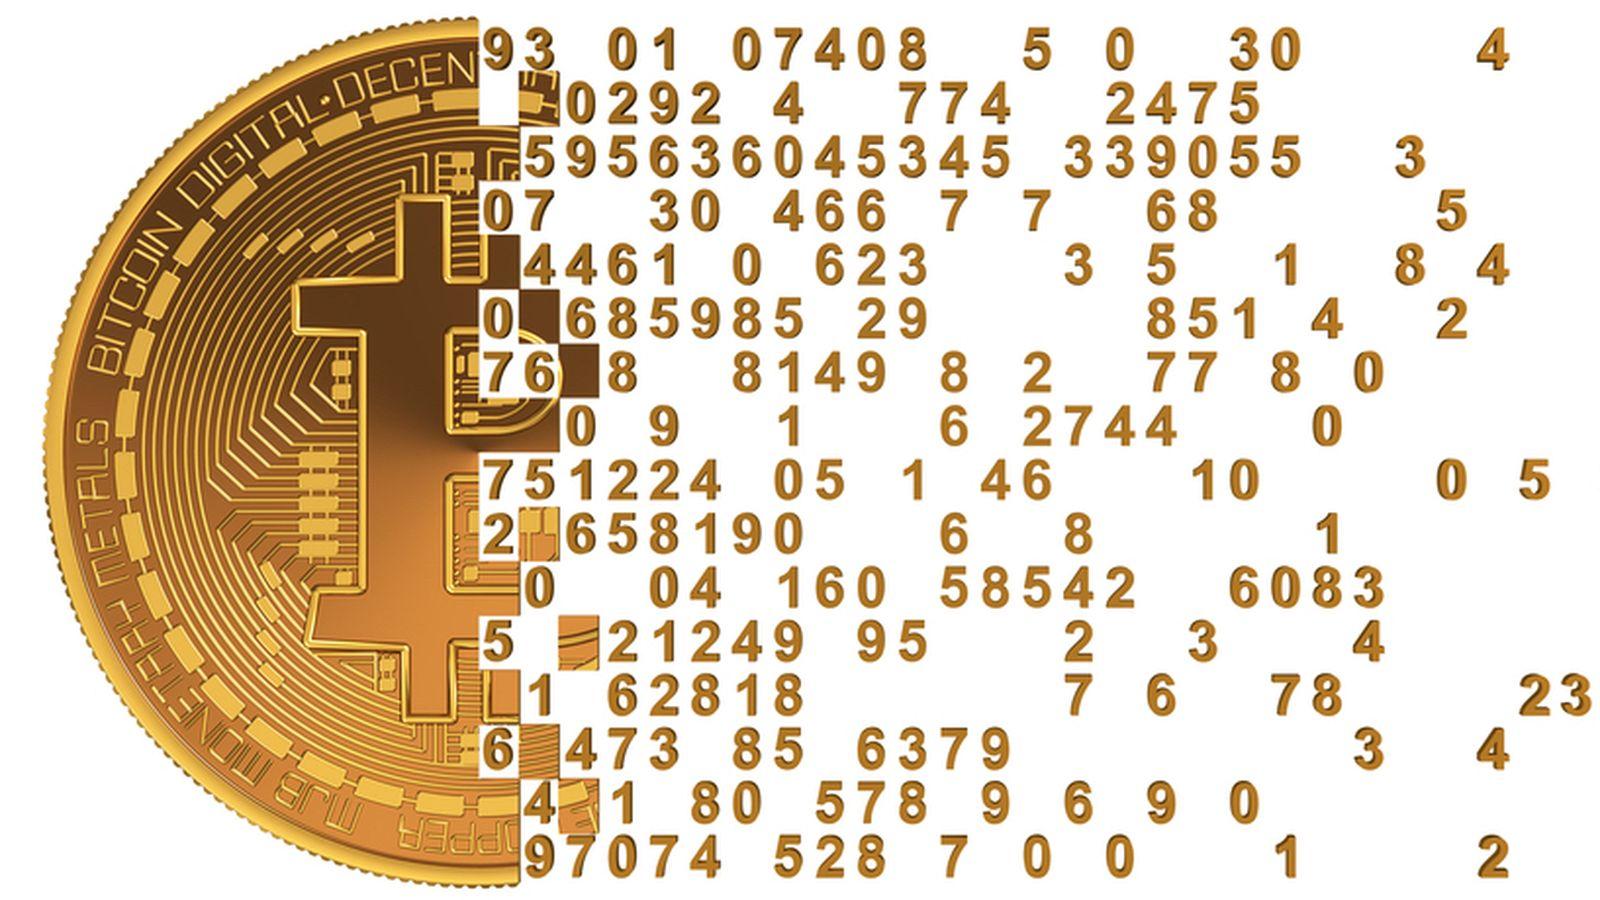 рубли за криптовалюту купить как выгодно-10